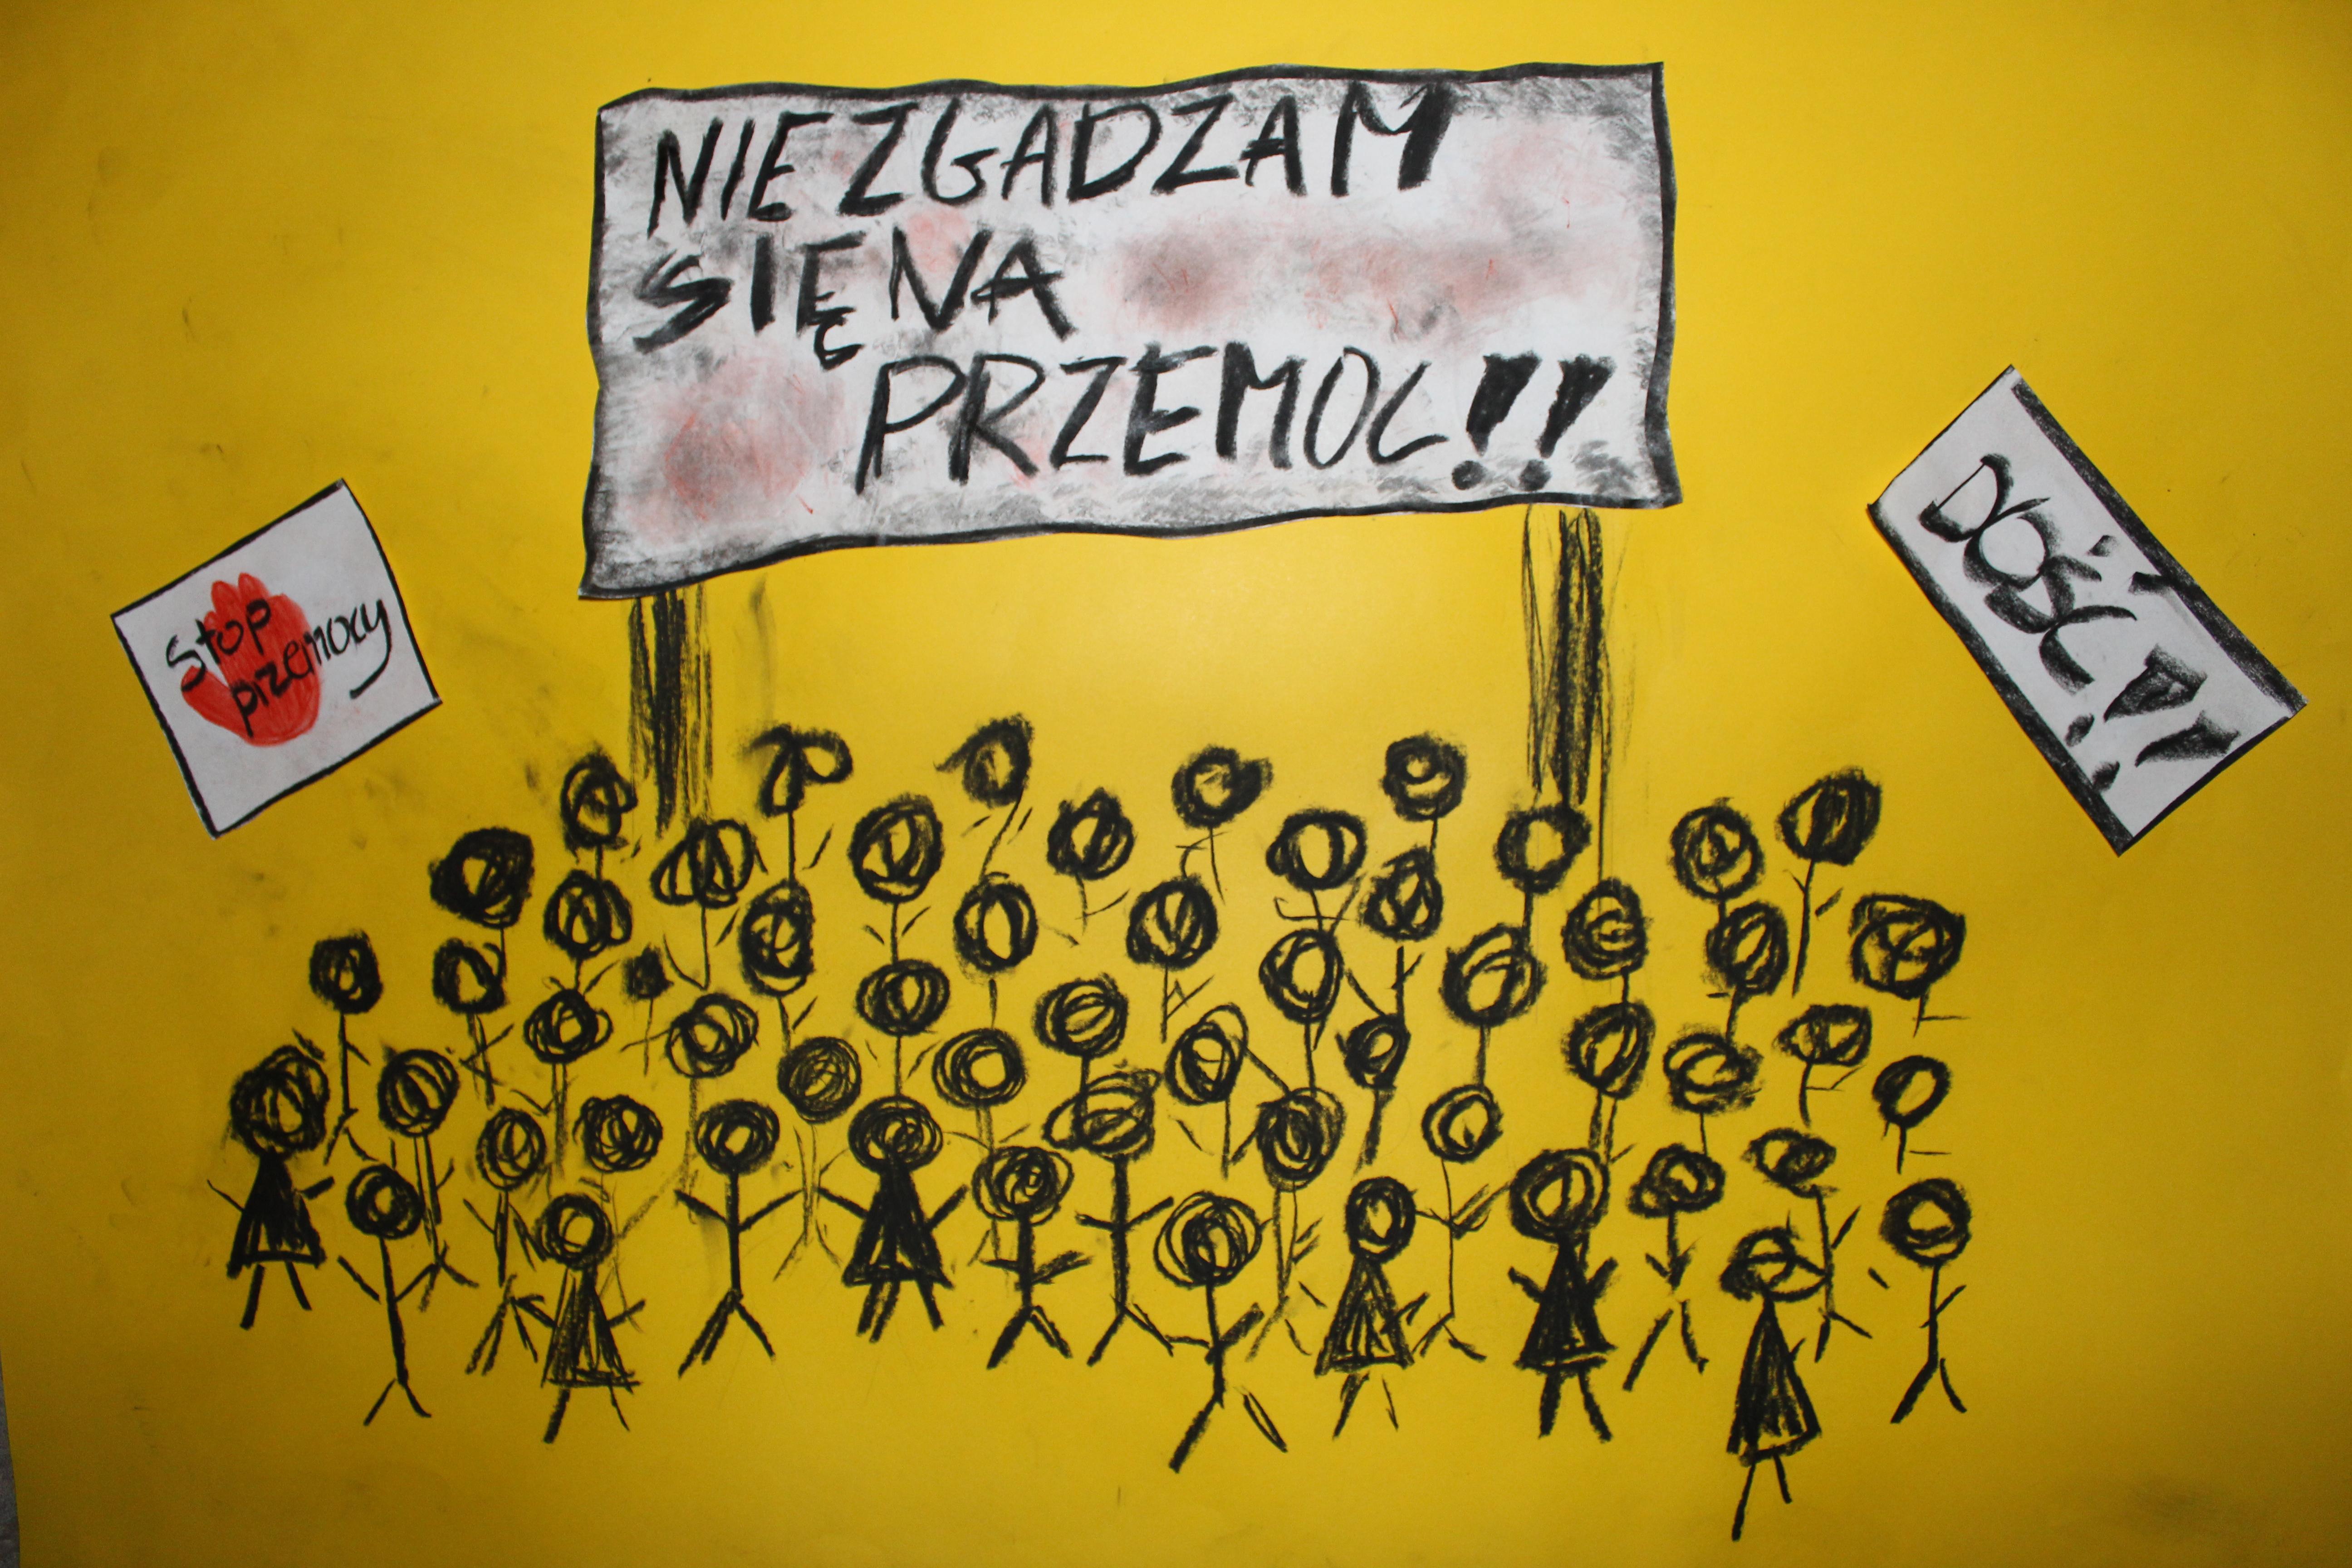 Międzynarodowy Dzień bez Przemocy